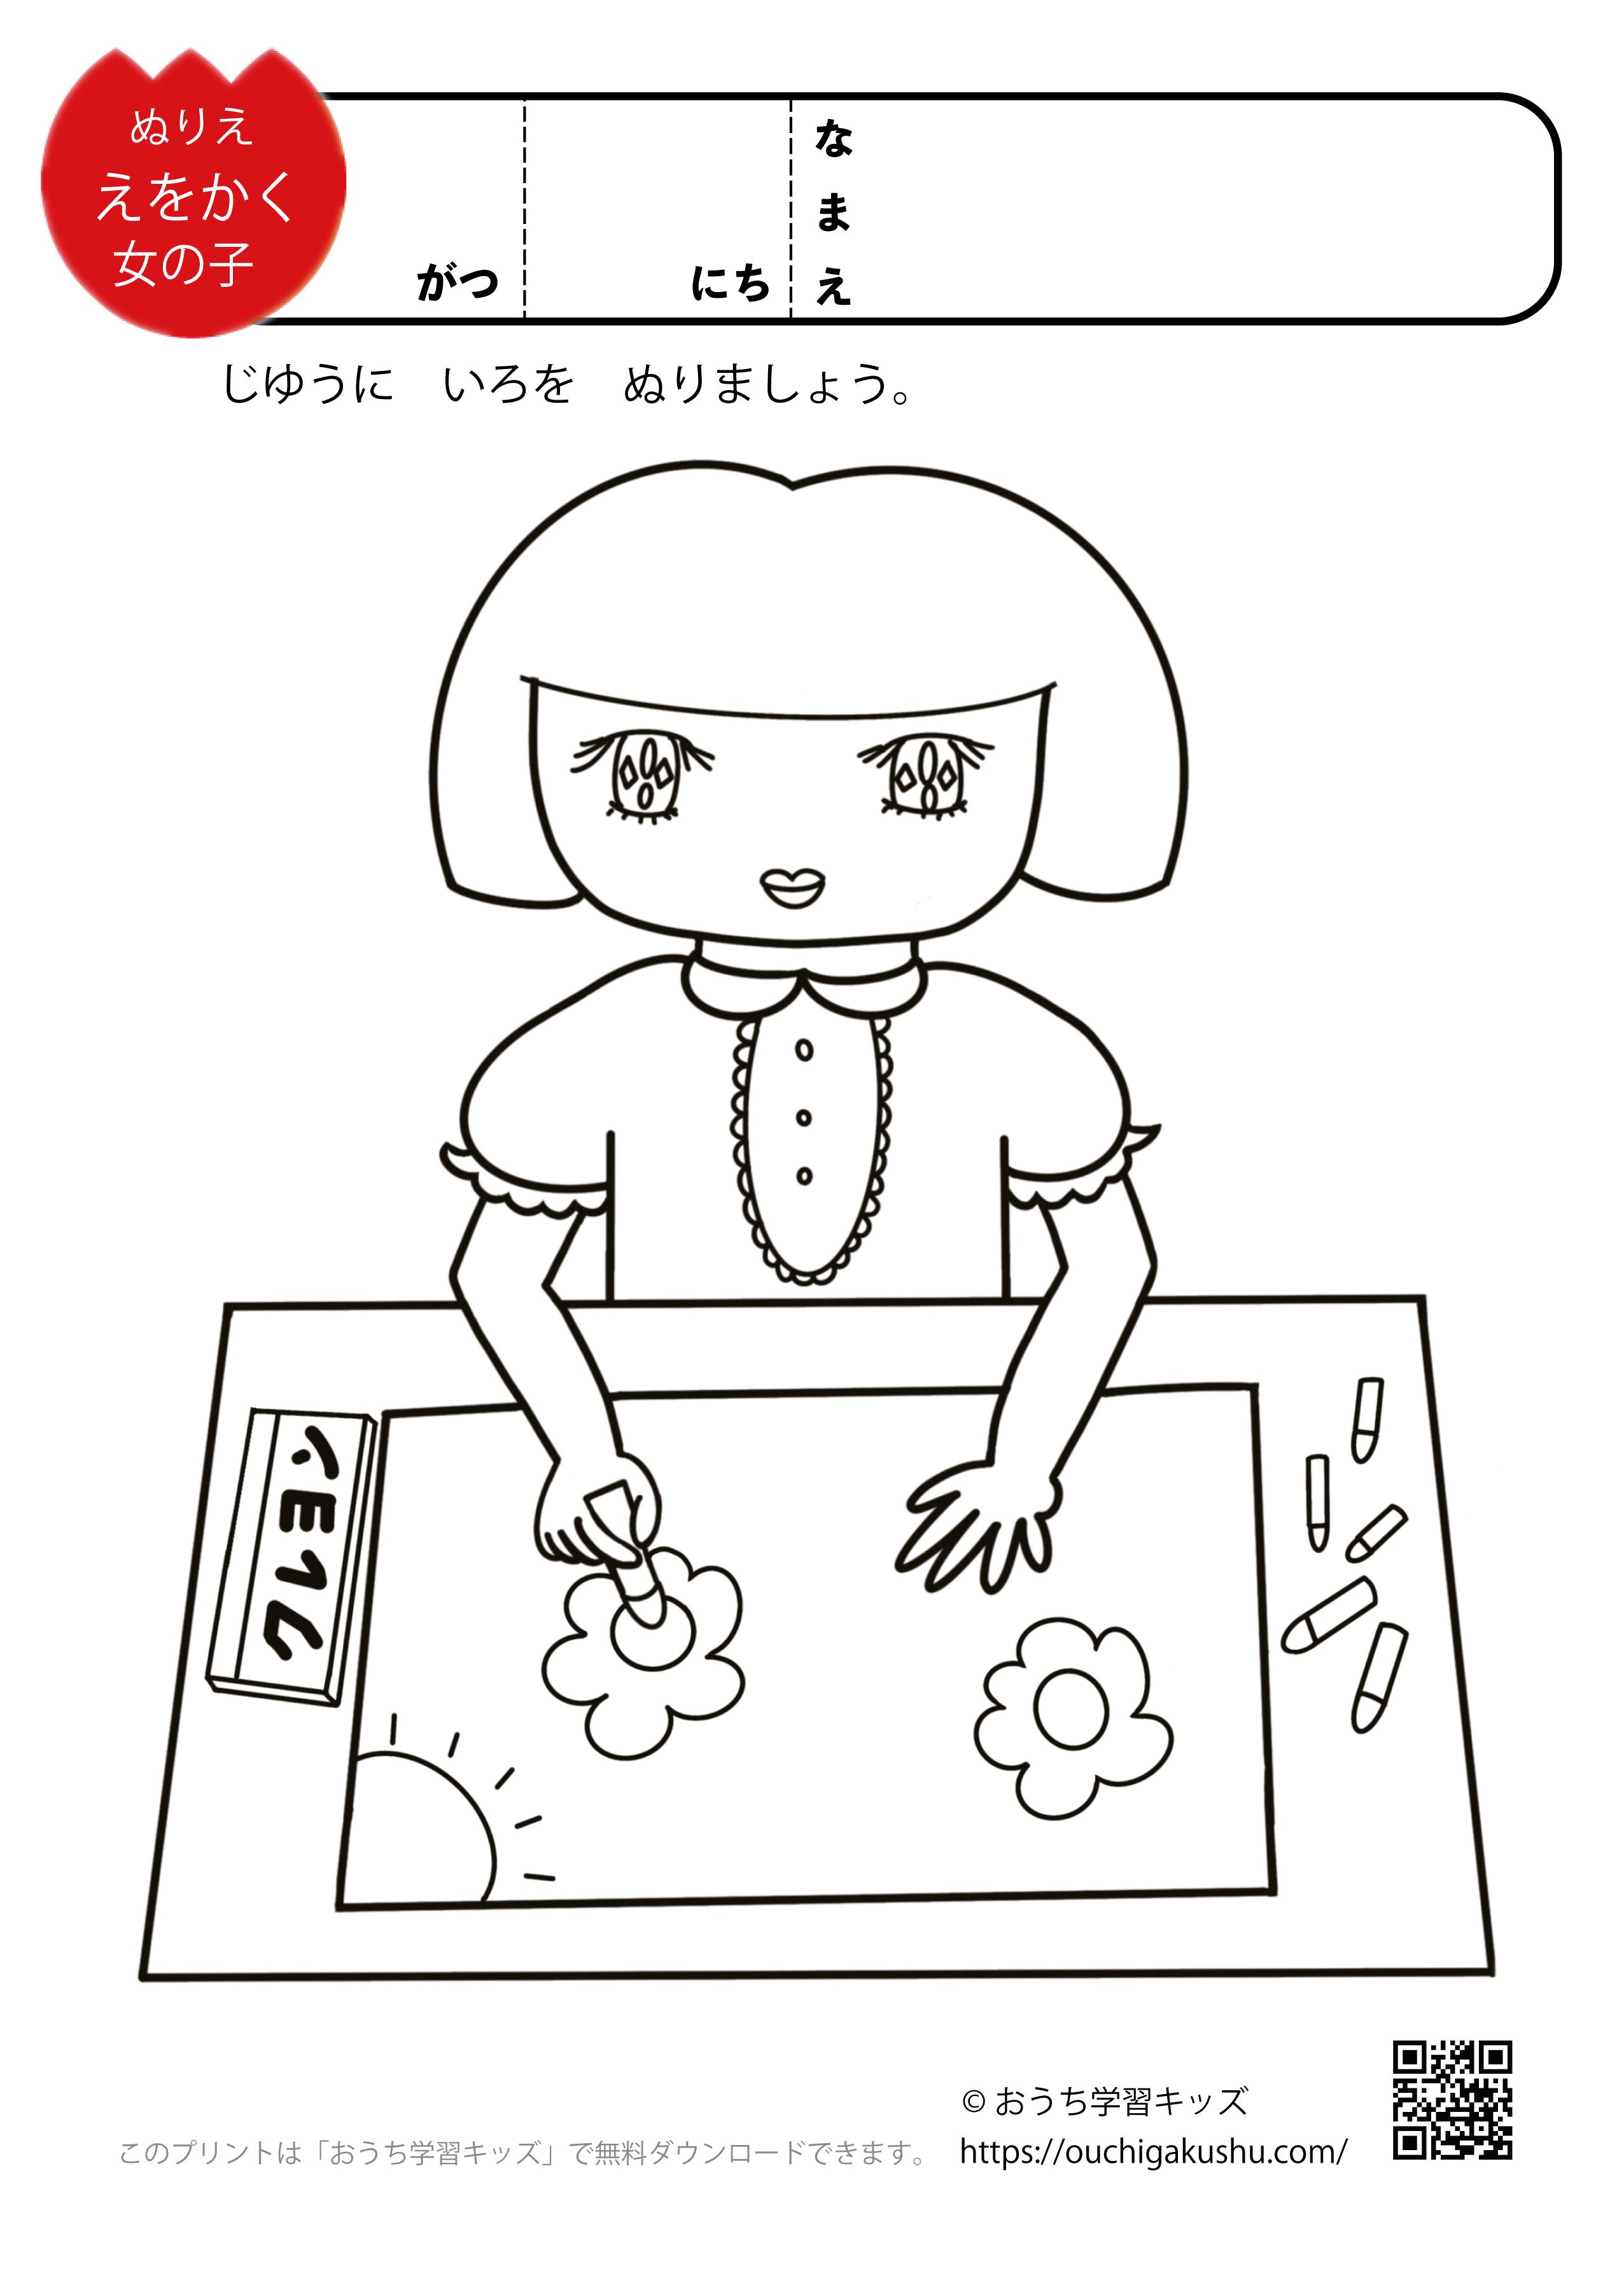 無料ぬりえプリント「絵を描く女の子」